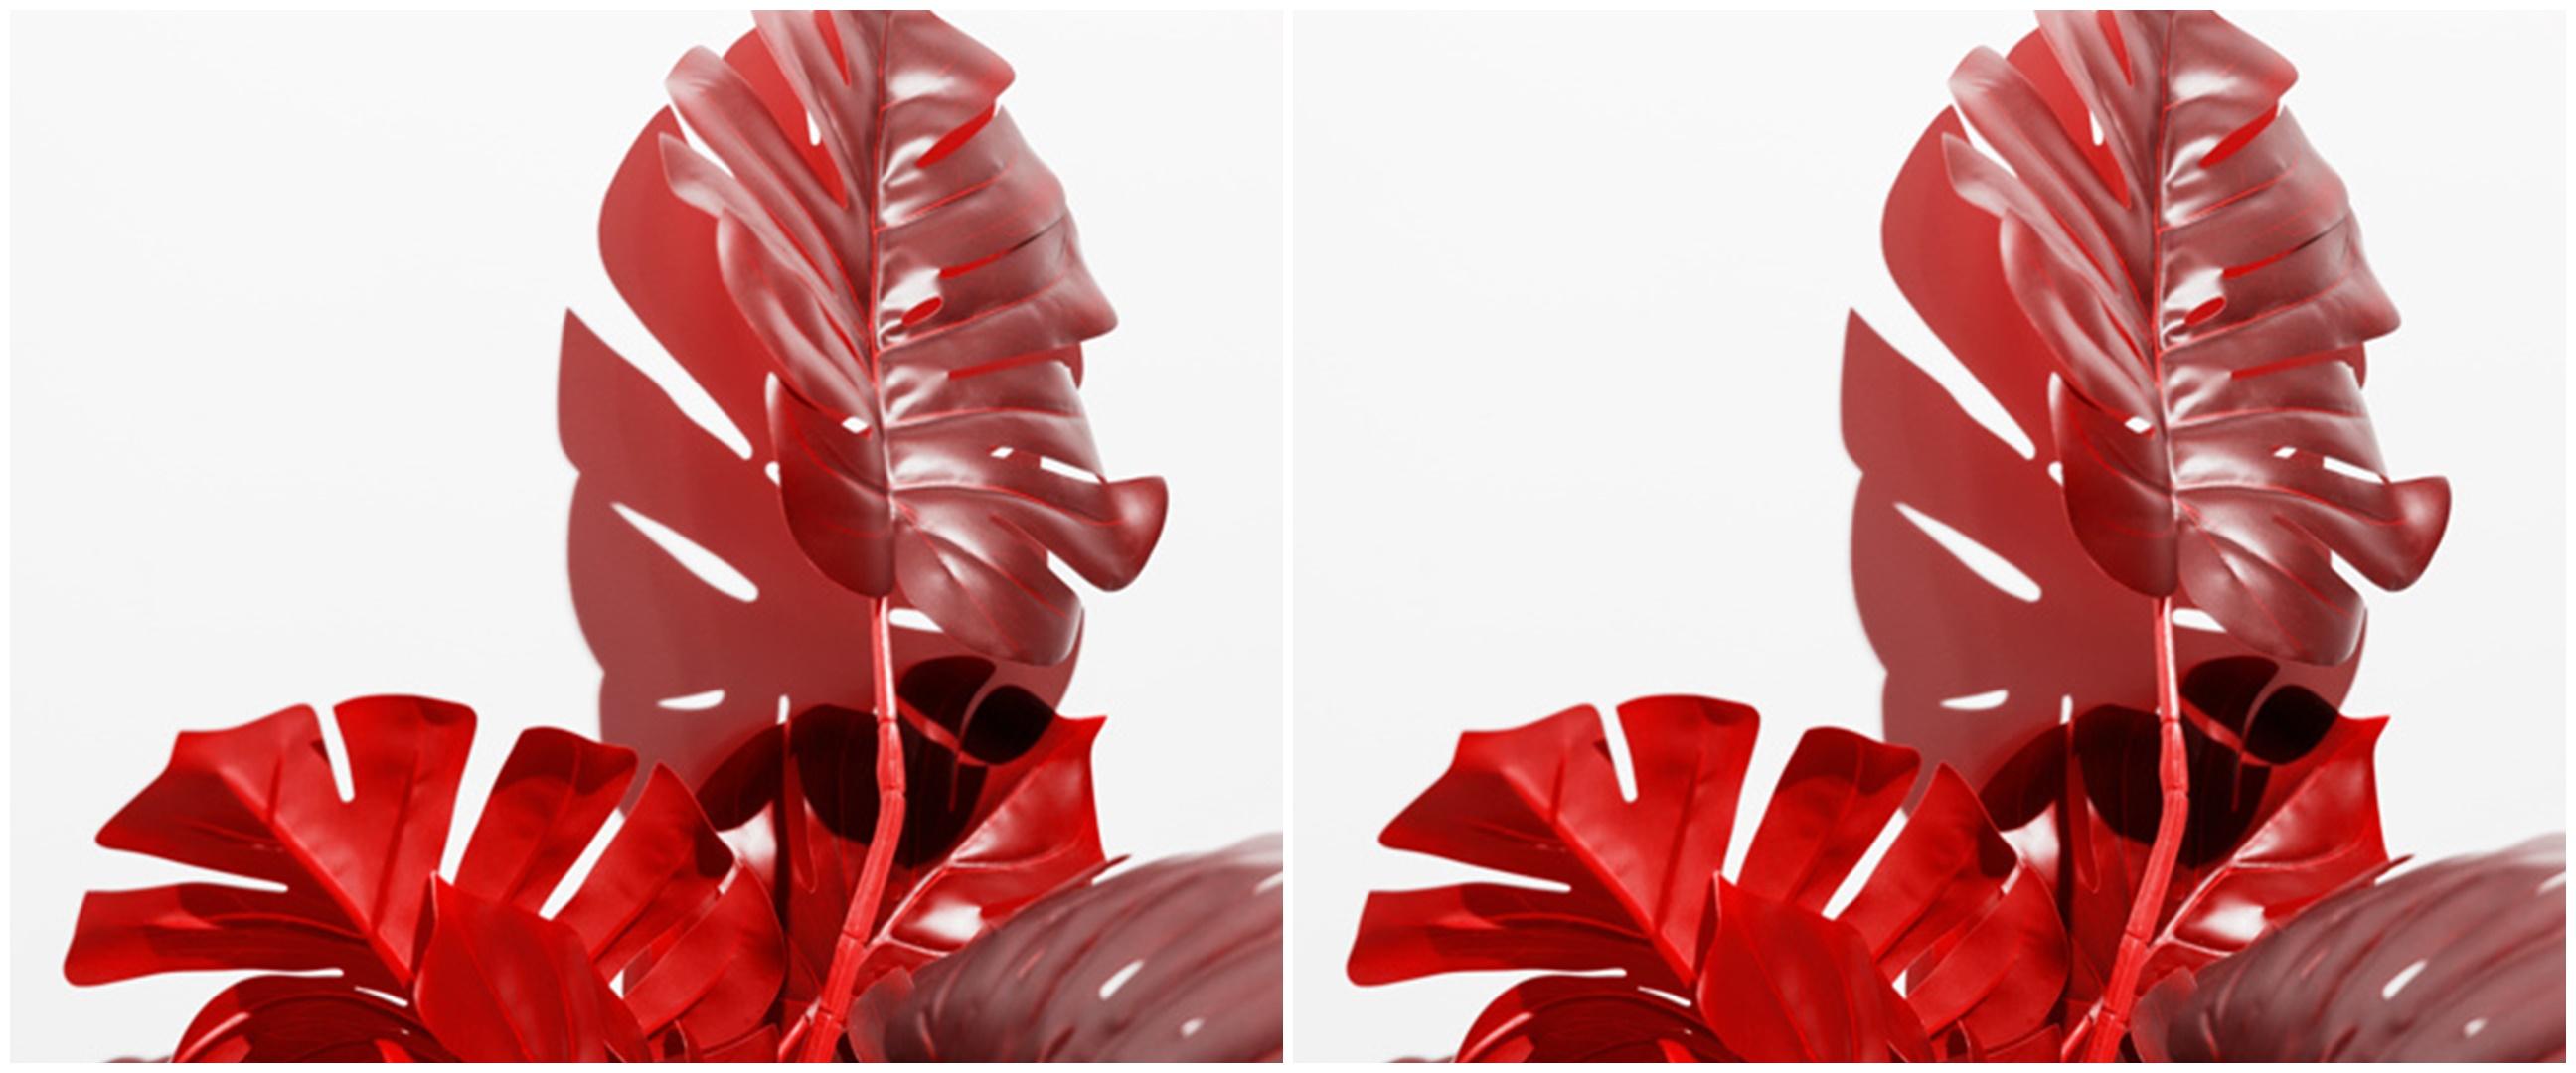 Cara menanam dan merawat janda bolong tanaman hias warna merah